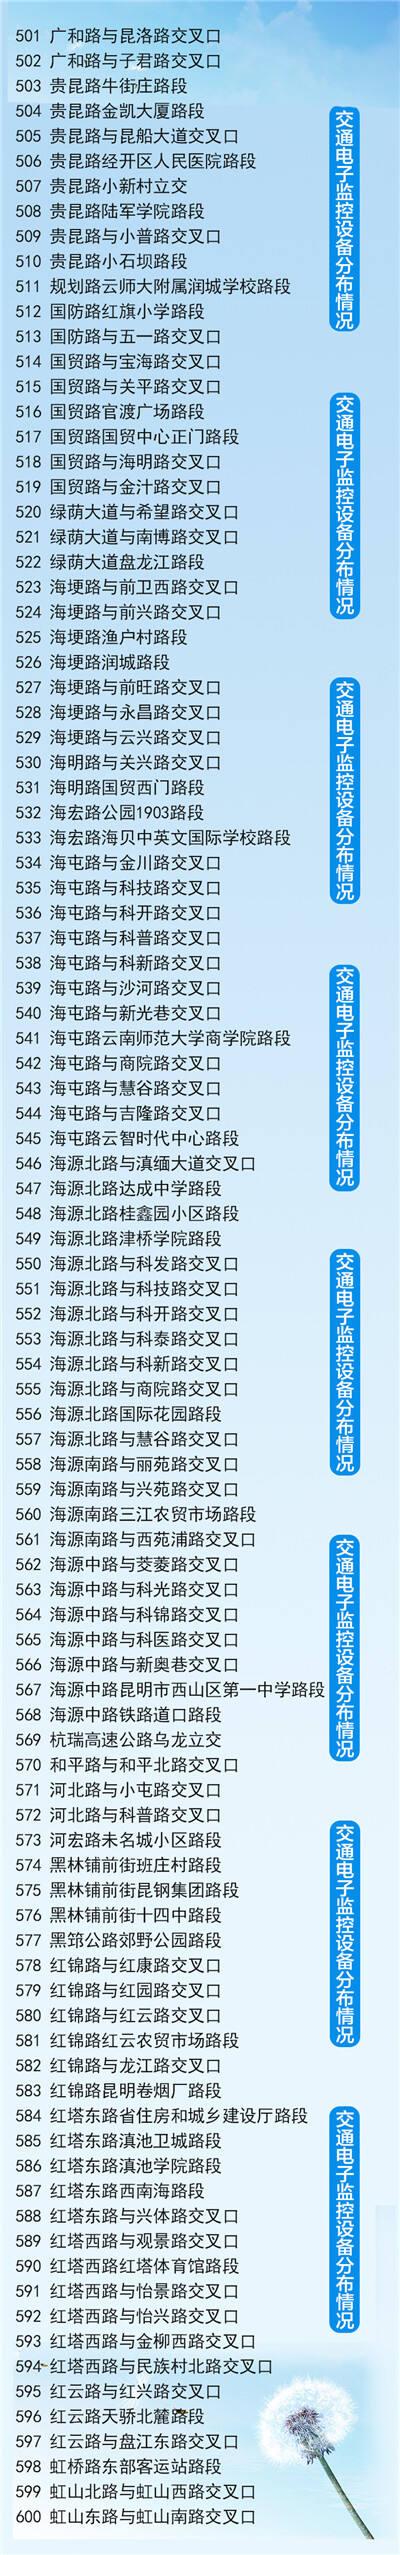 6_副本1.jpg